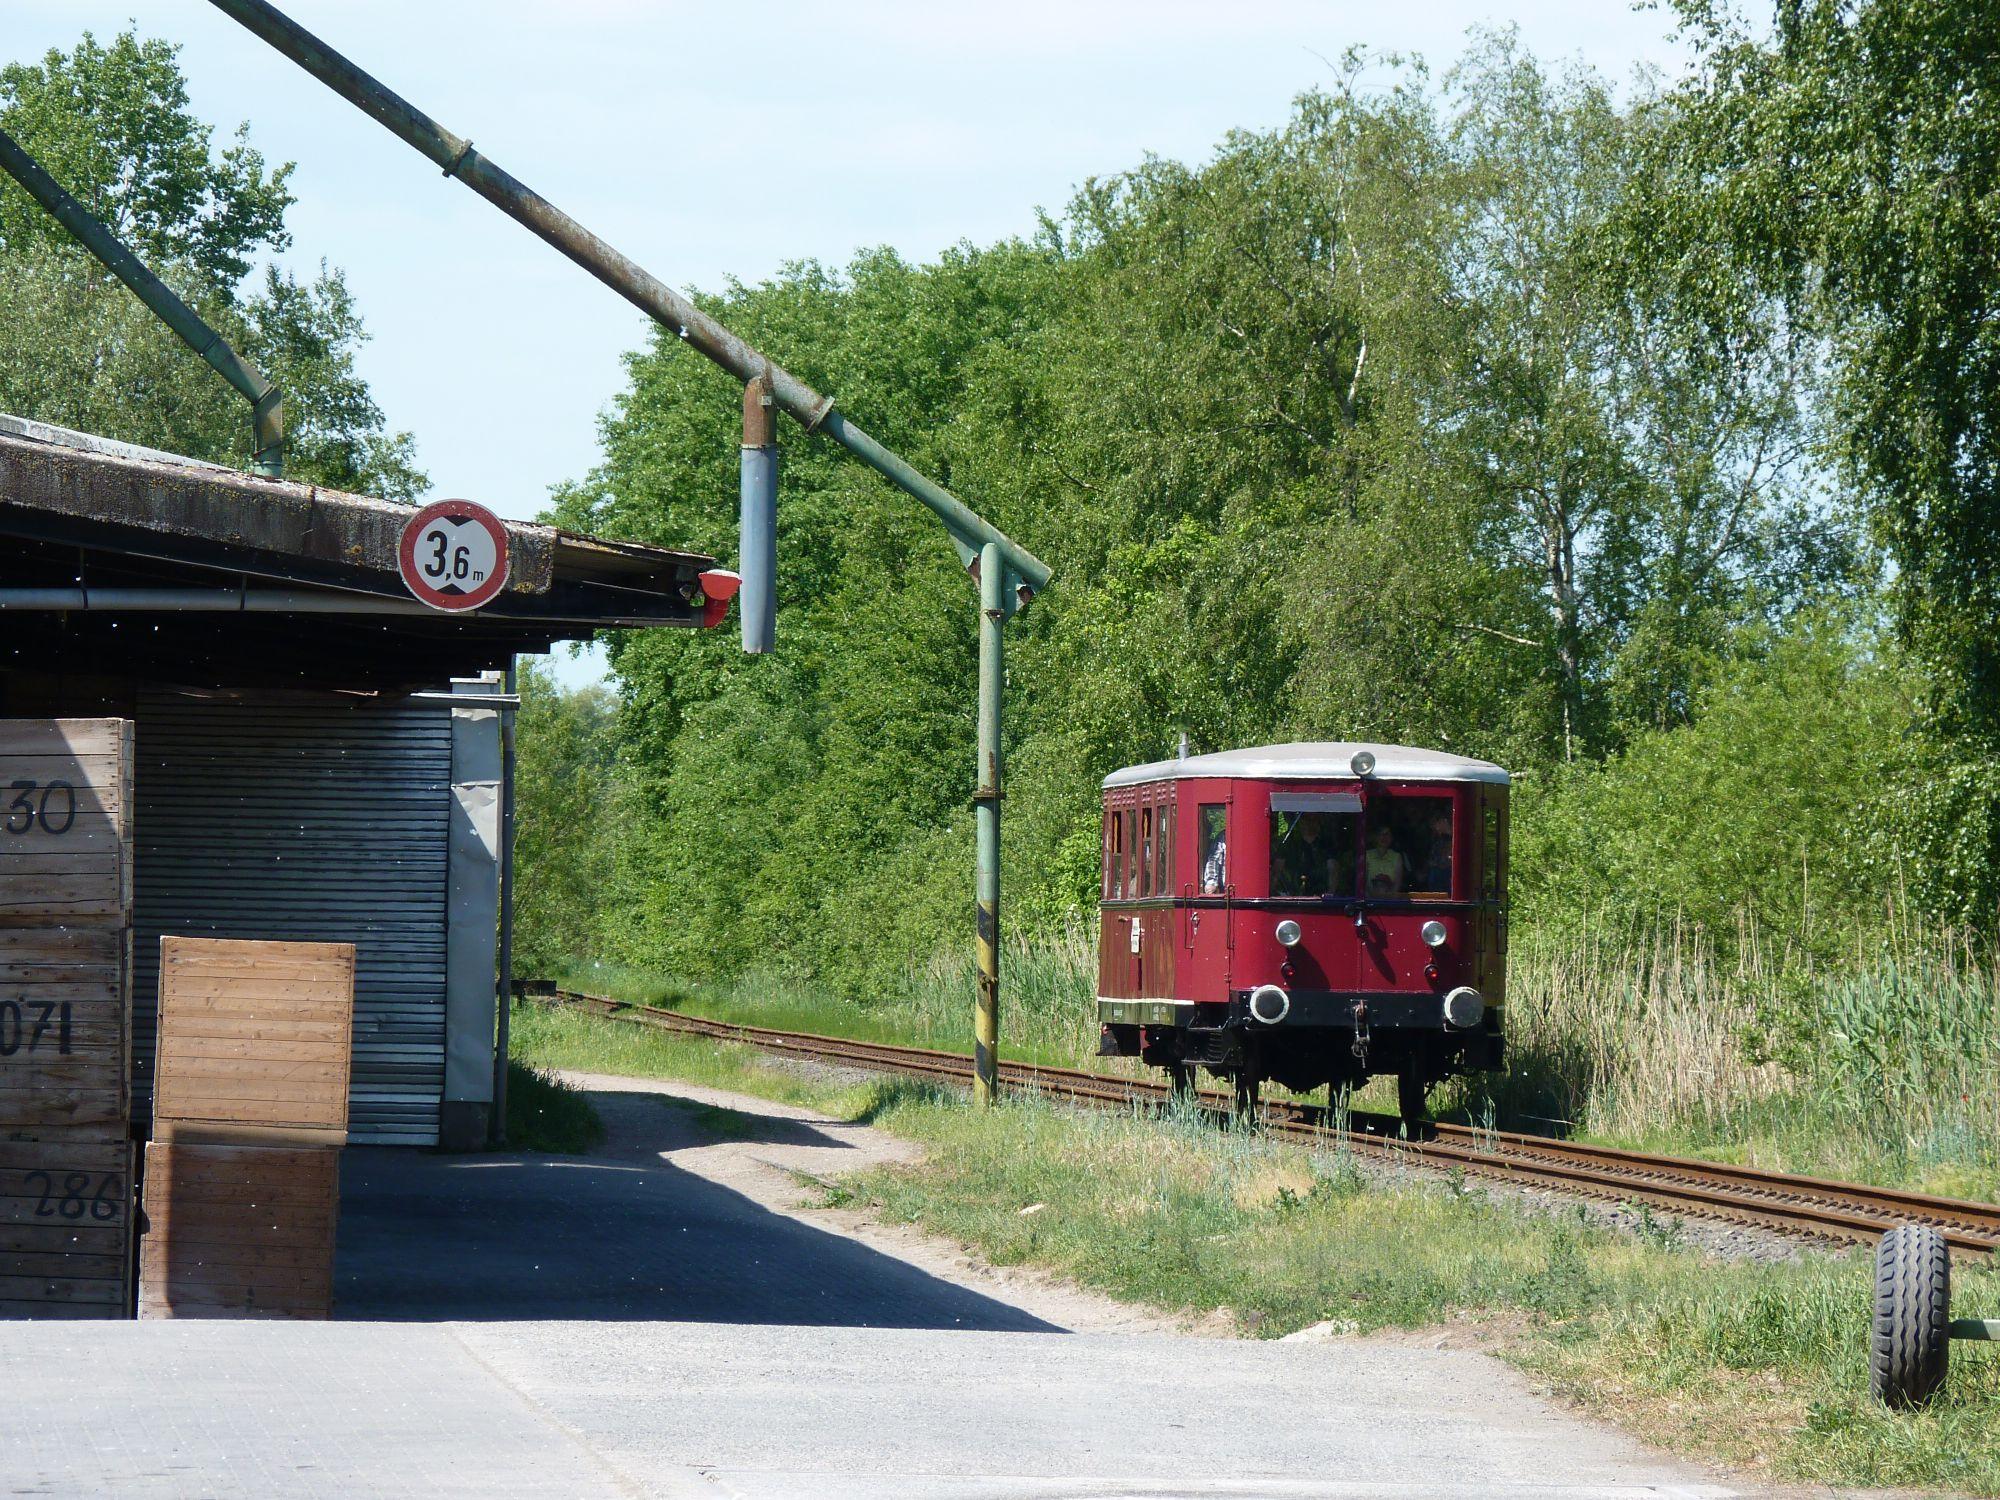 avlelbmarschbahn006